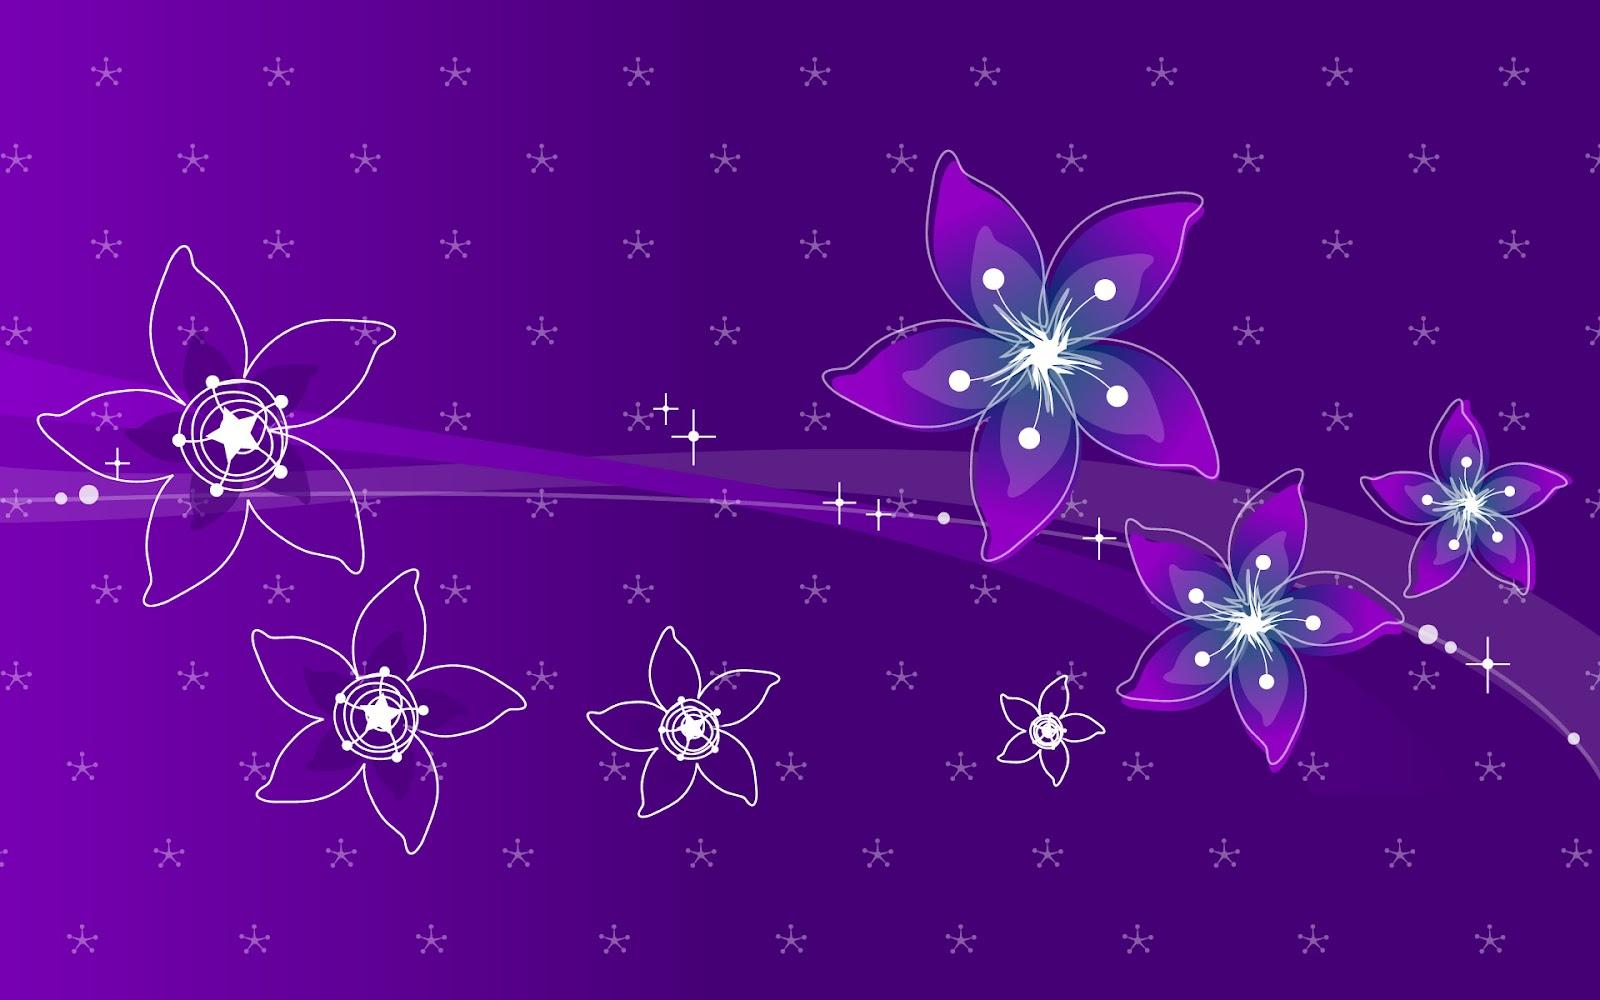 http://1.bp.blogspot.com/-WgckuPsbGSA/T8zEqcwvewI/AAAAAAAAEfQ/6L8AkKYEoys/s1600/Flower-wallpaper-16.jpg